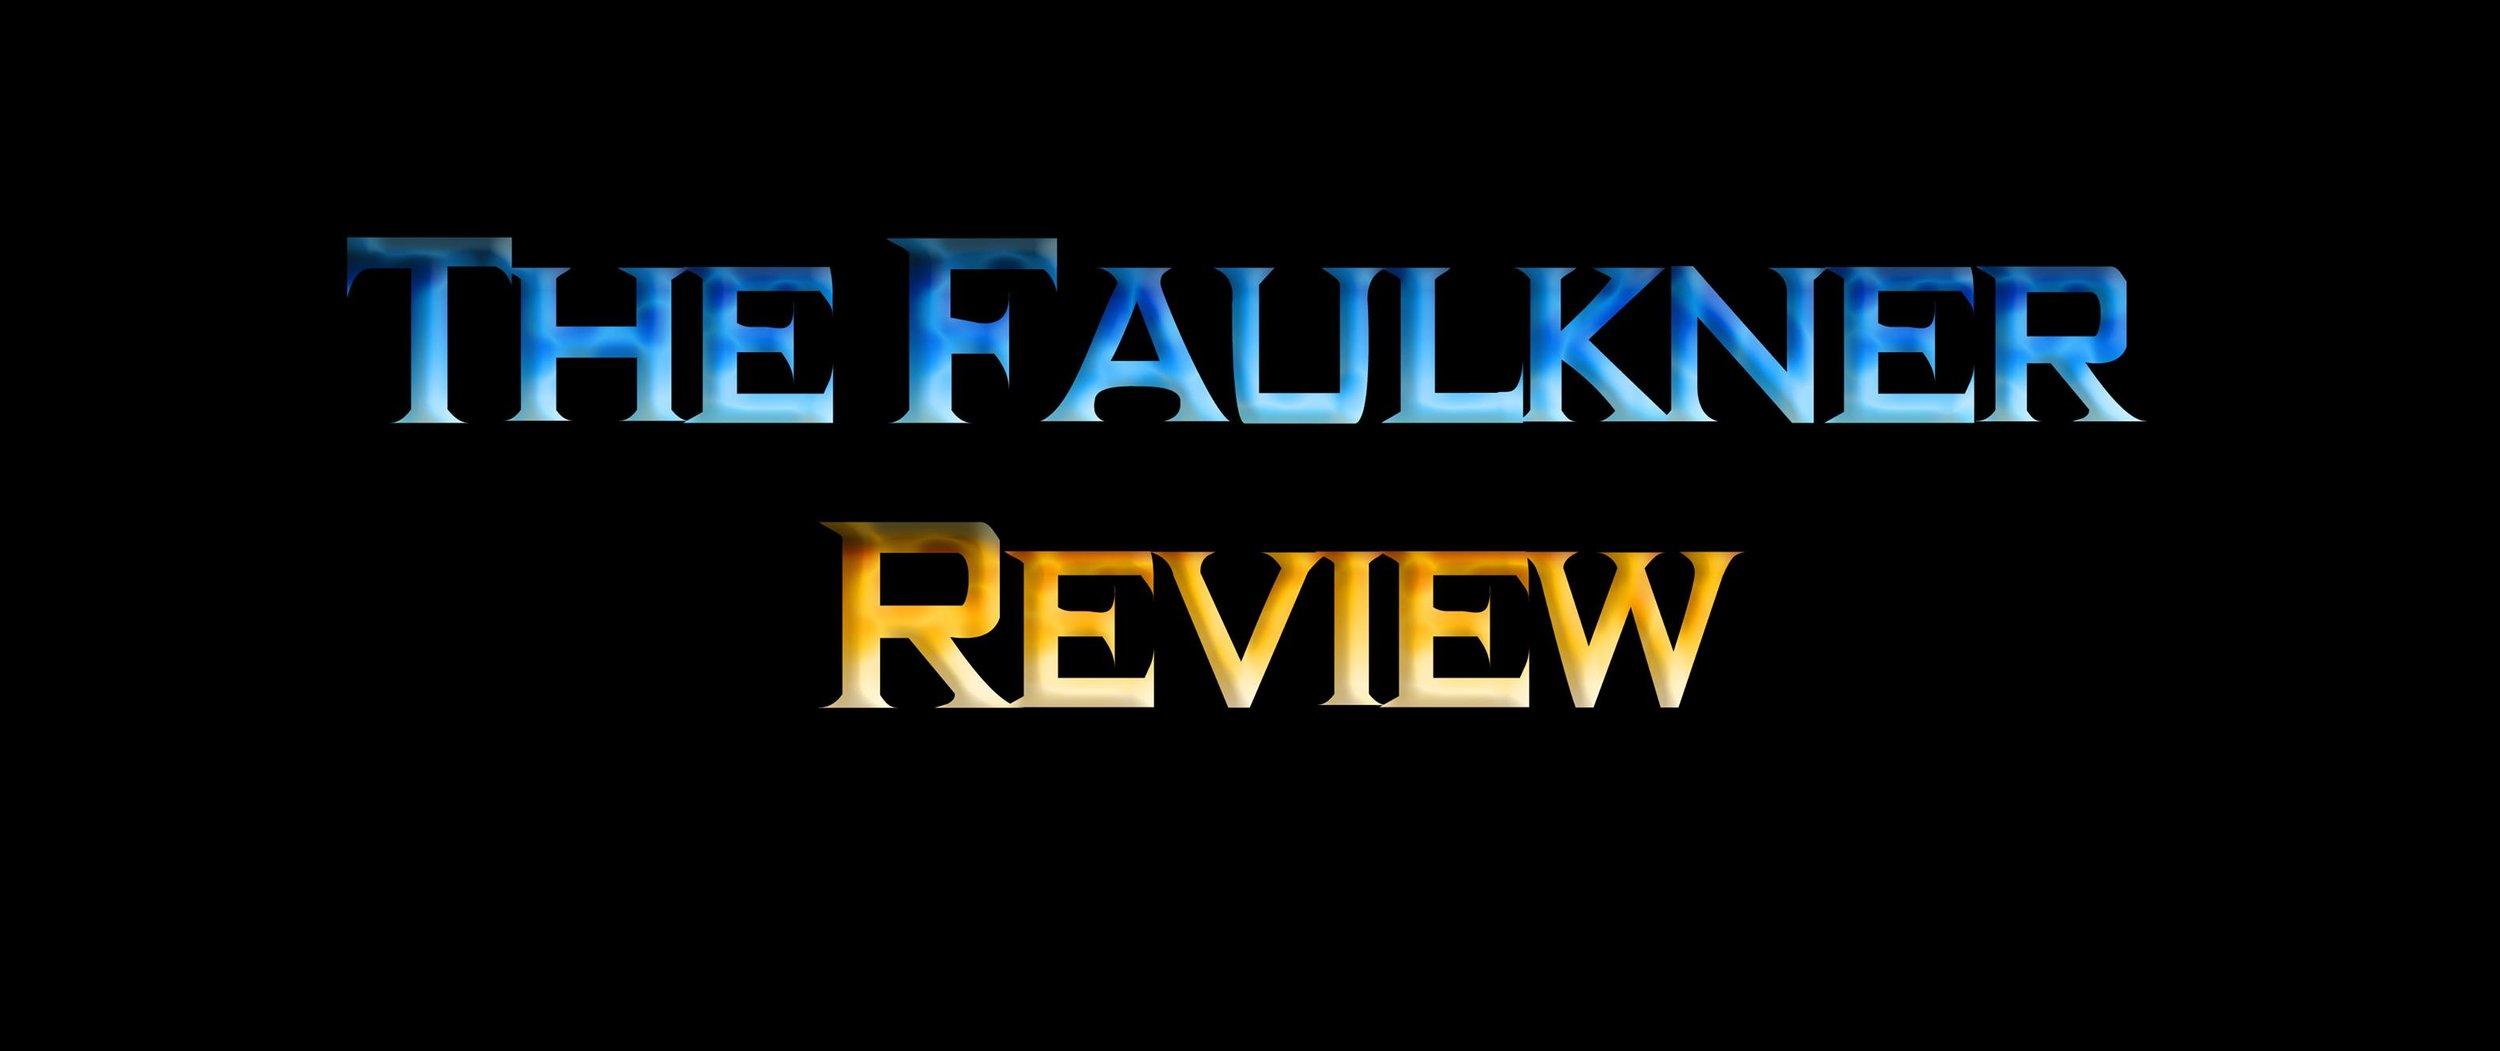 Faulkner Review header.jpg